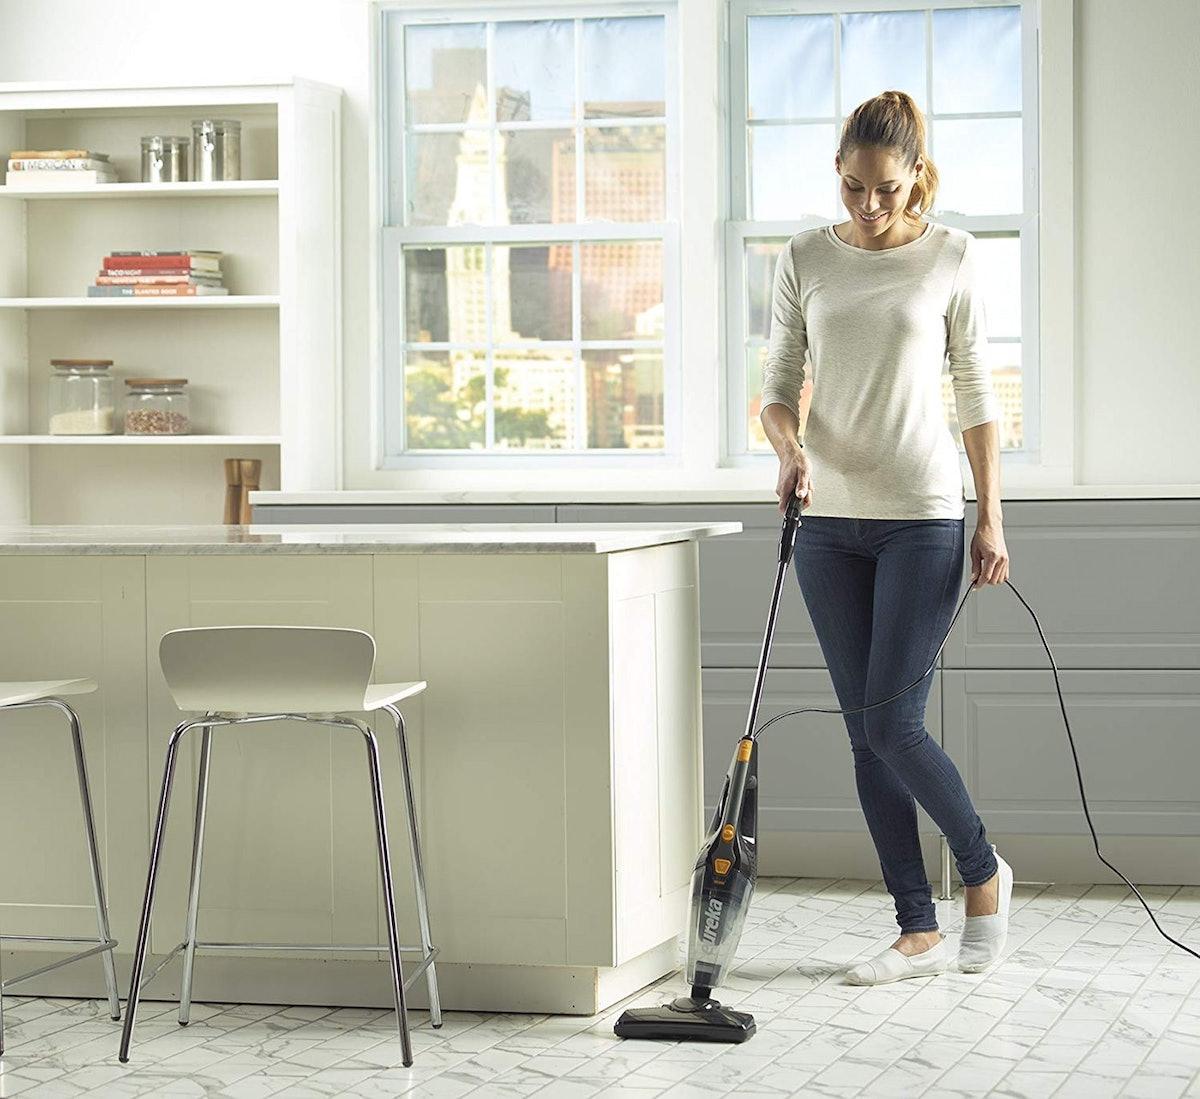 Electrolux Blaze 3-In-1 Swivel Vacuum